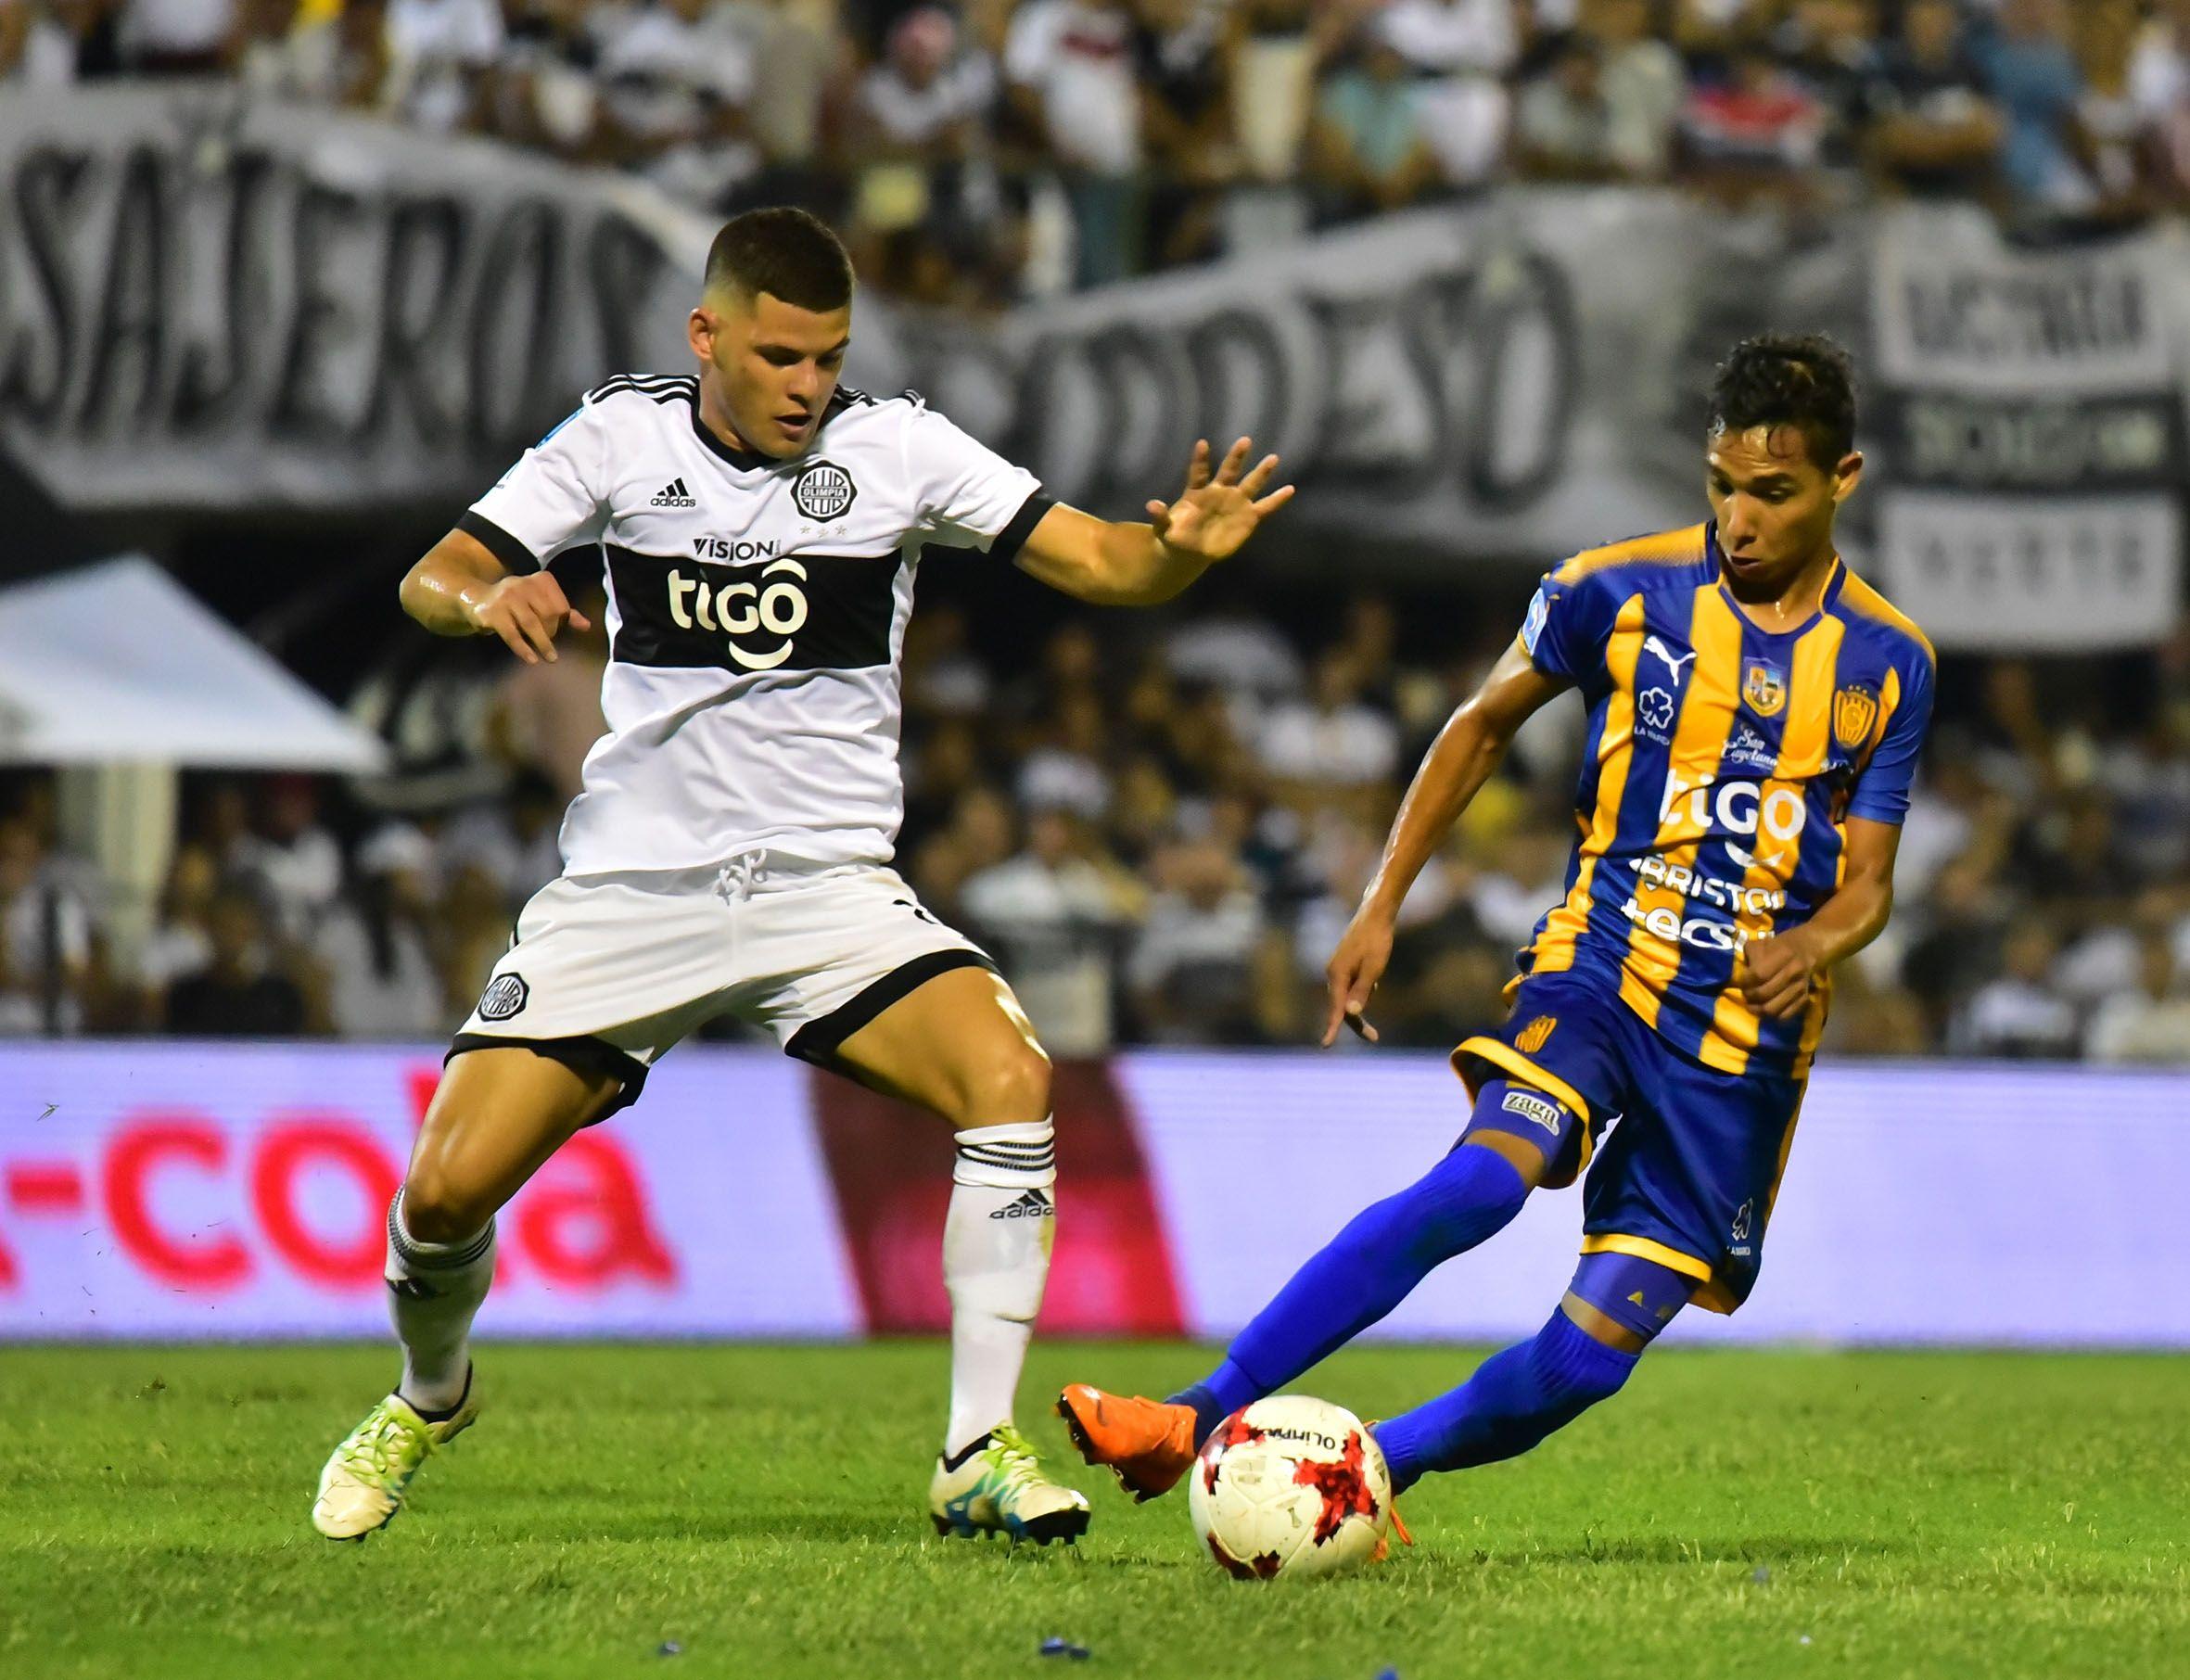 Sánchez espera aprovechar la oportunidad en la Selección. Foto: Última Hora.